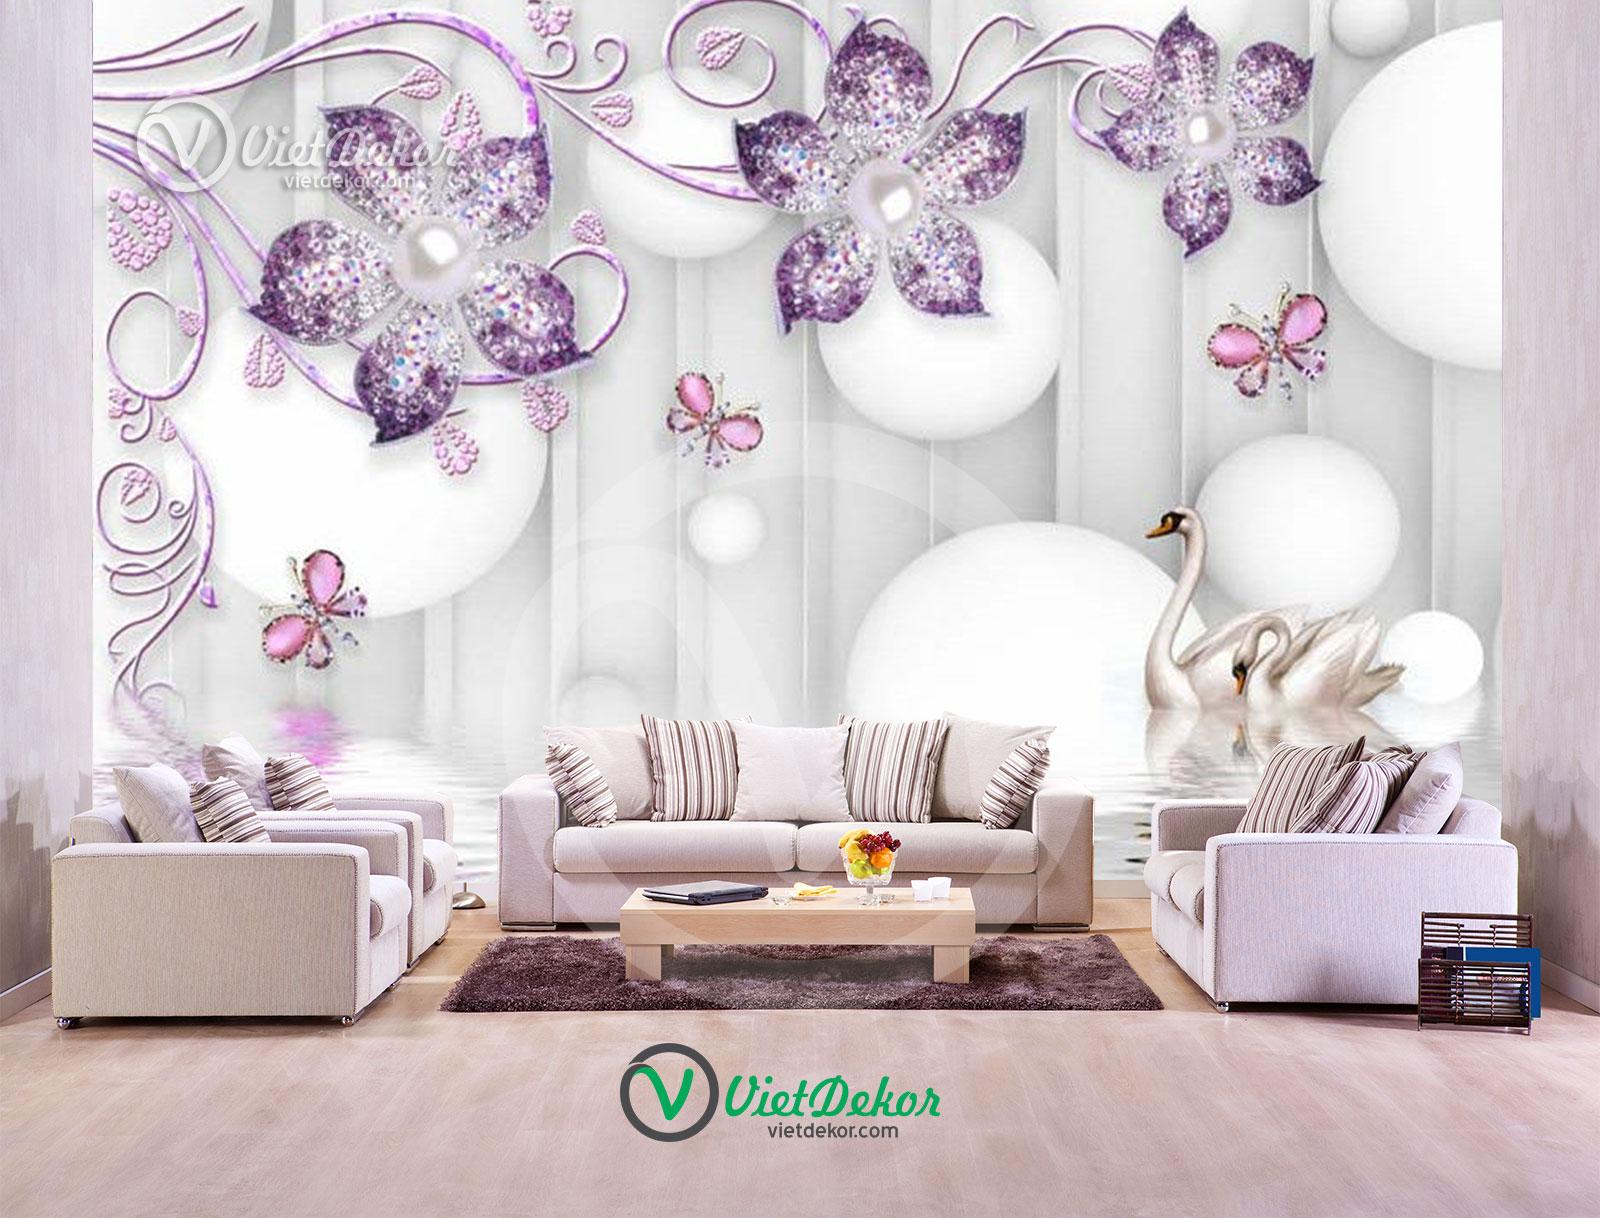 Tranh dán tường 3d hoa bướm ngọc trai